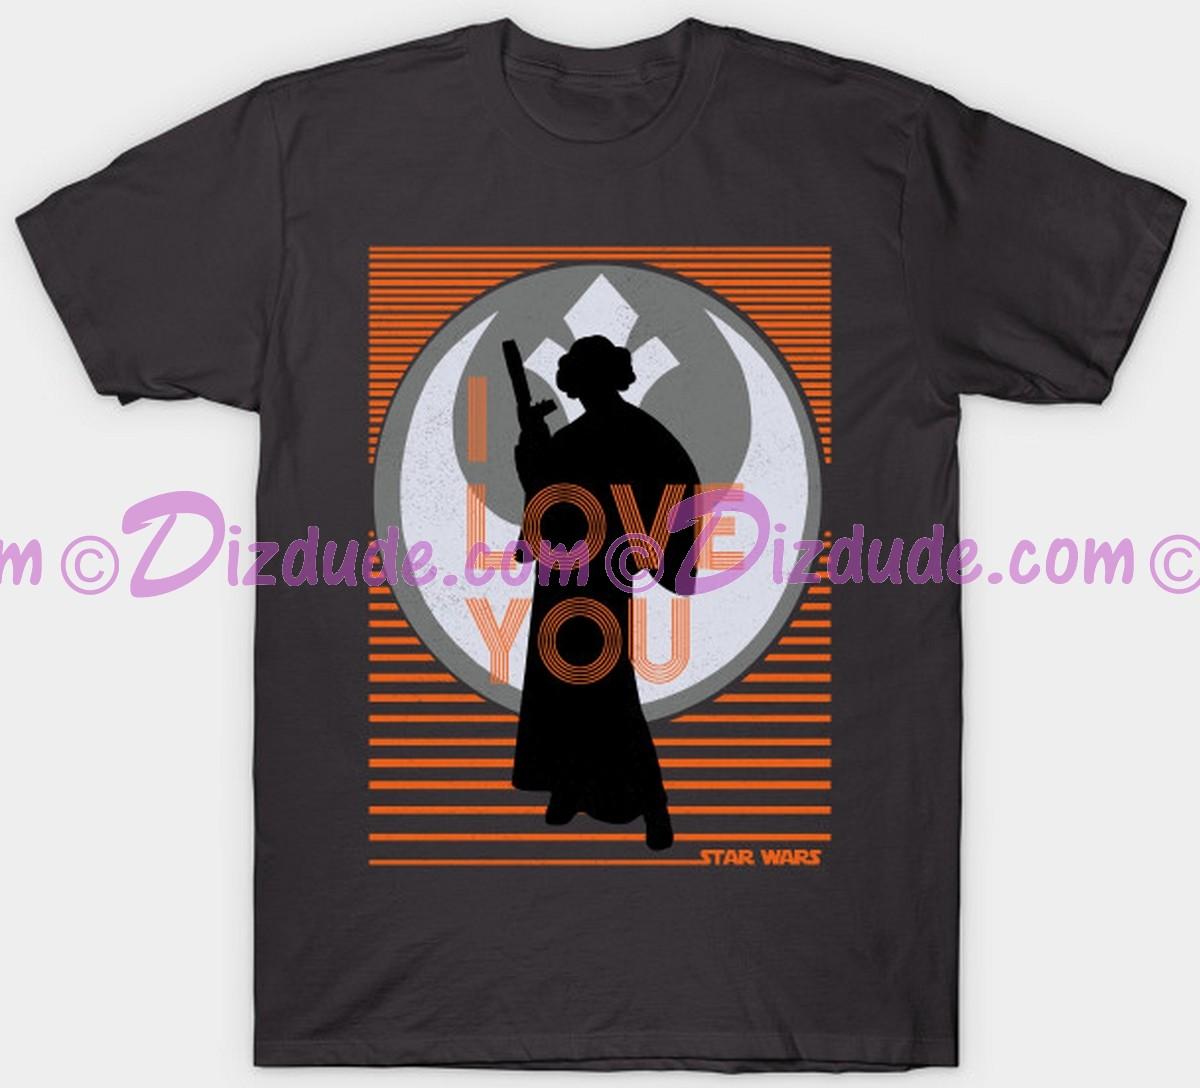 """Vintage Star Wars Princess Leia """"I Love You"""" Adult T-Shirt (Tshirt, T shirt or Tee) © Dizdude.com"""